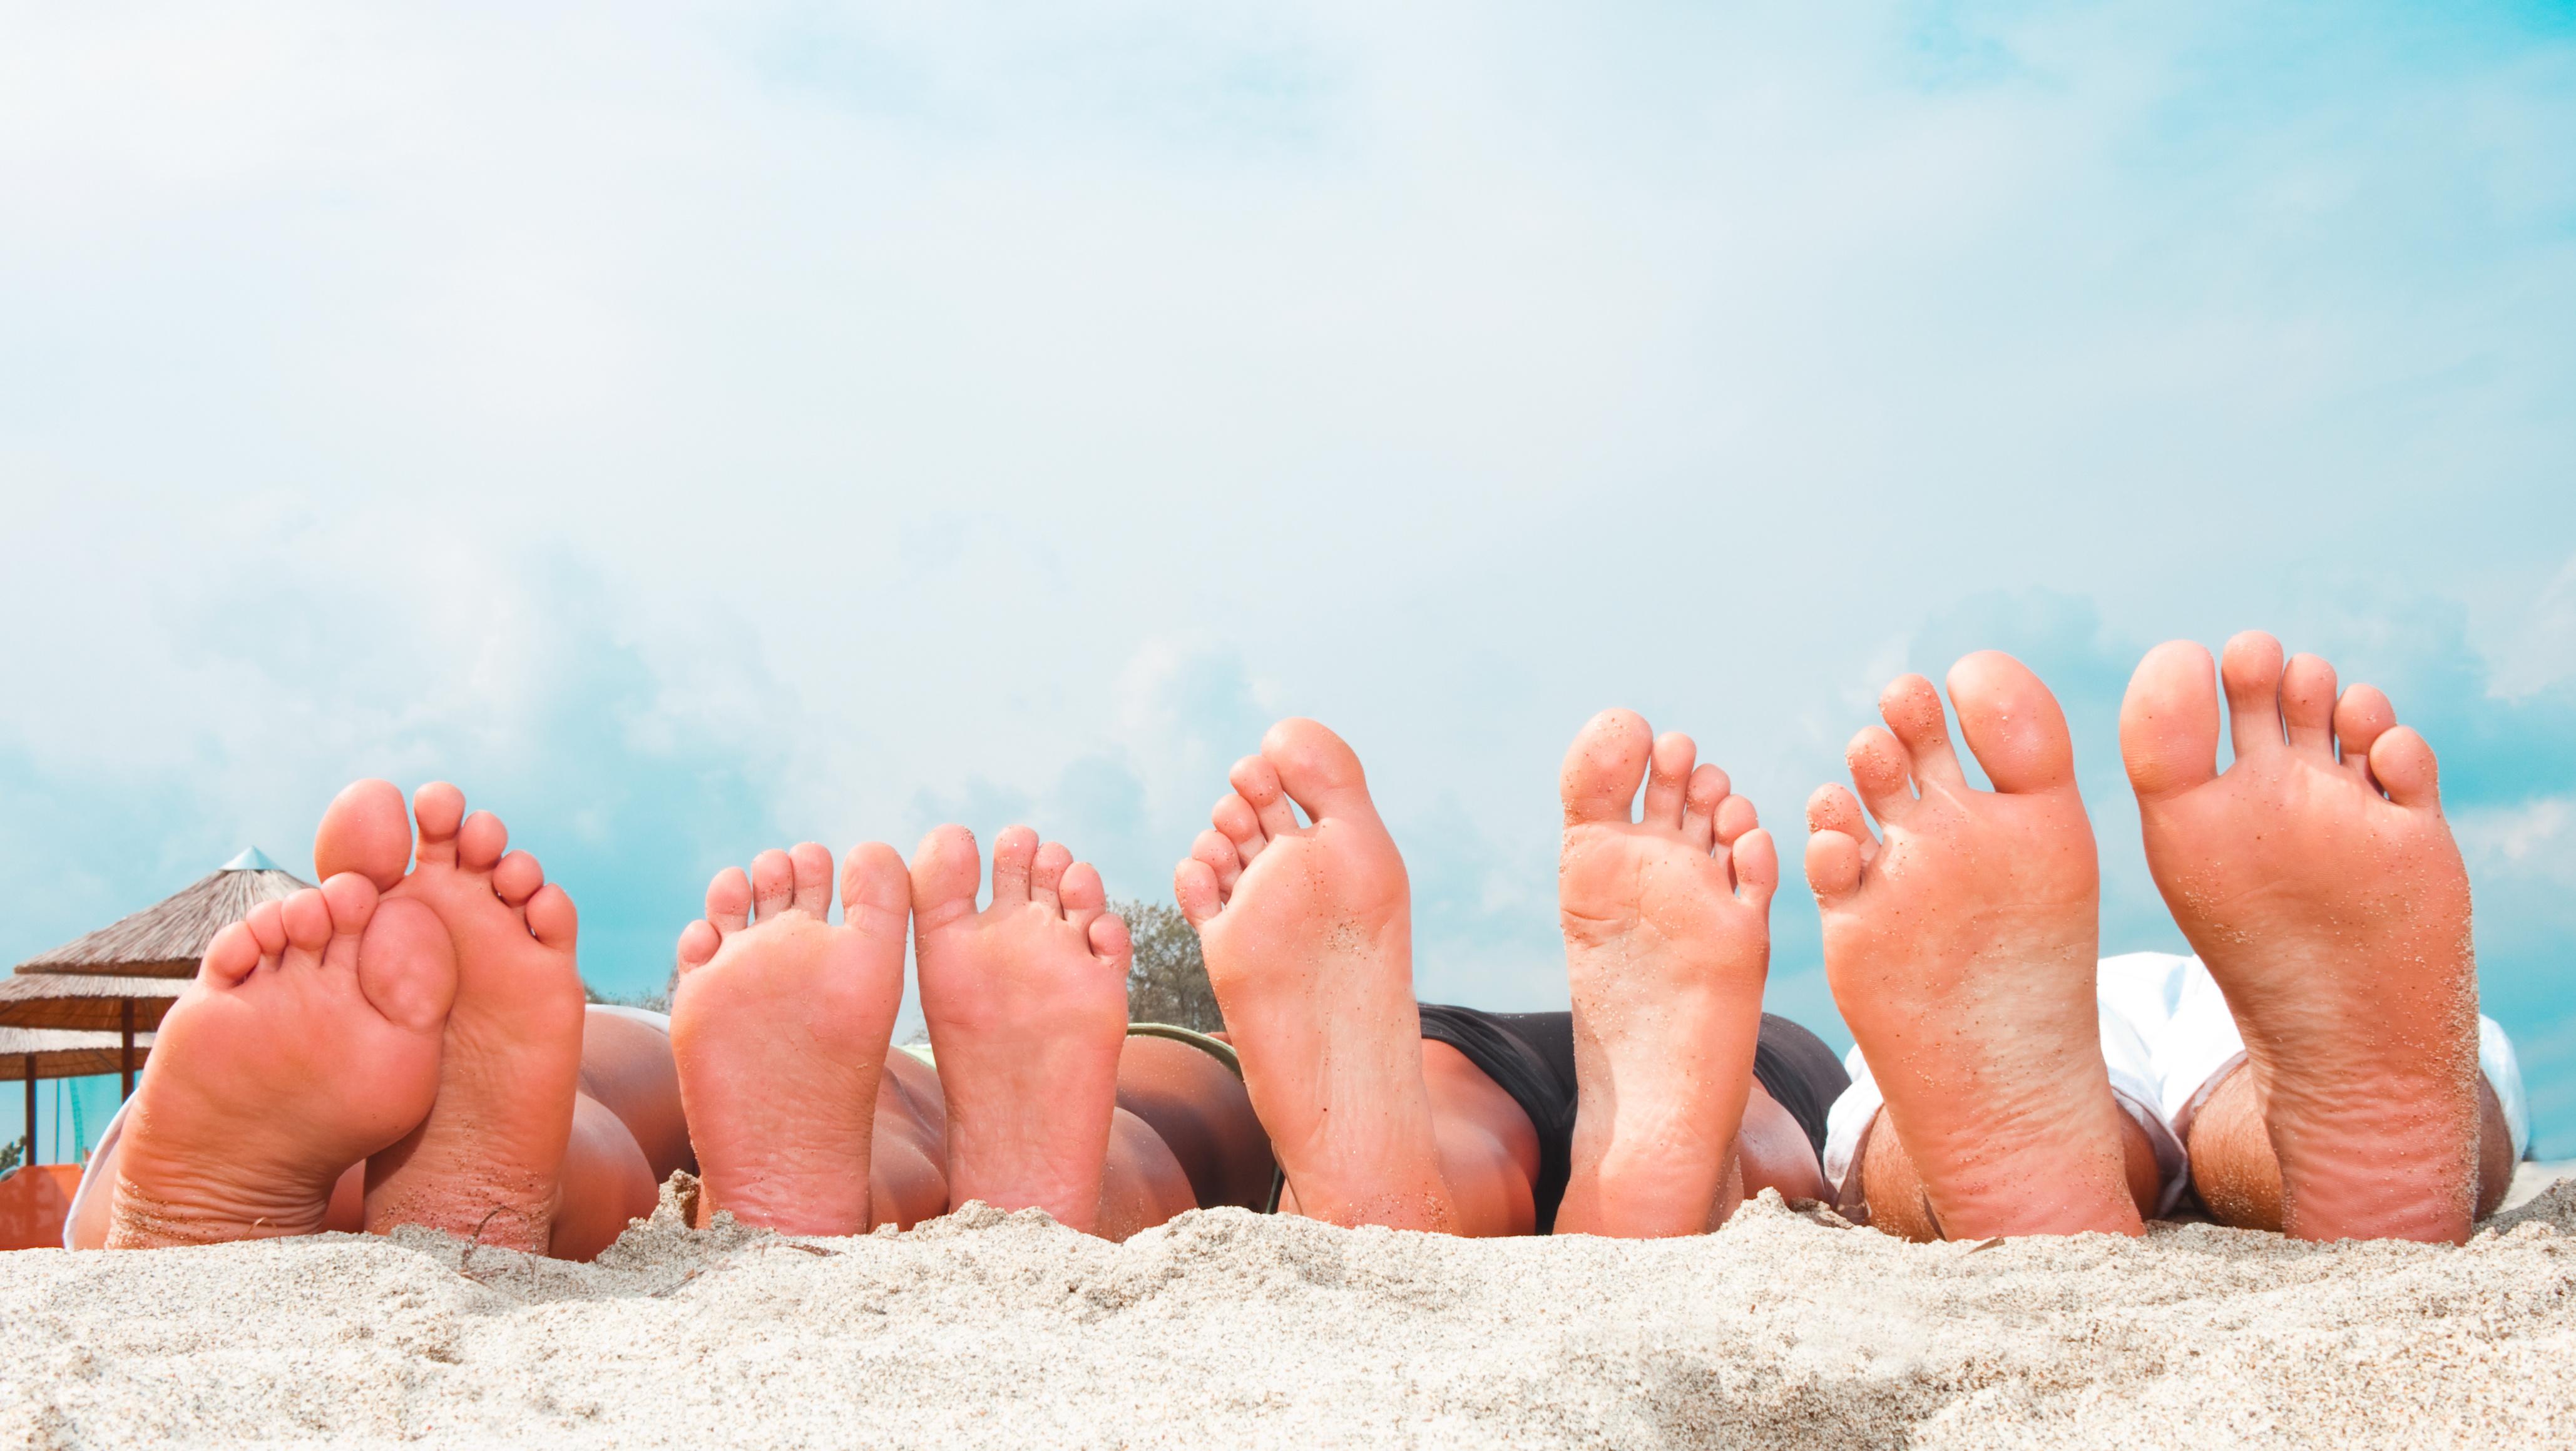 spa-ionique-bain-de-pieds-plage